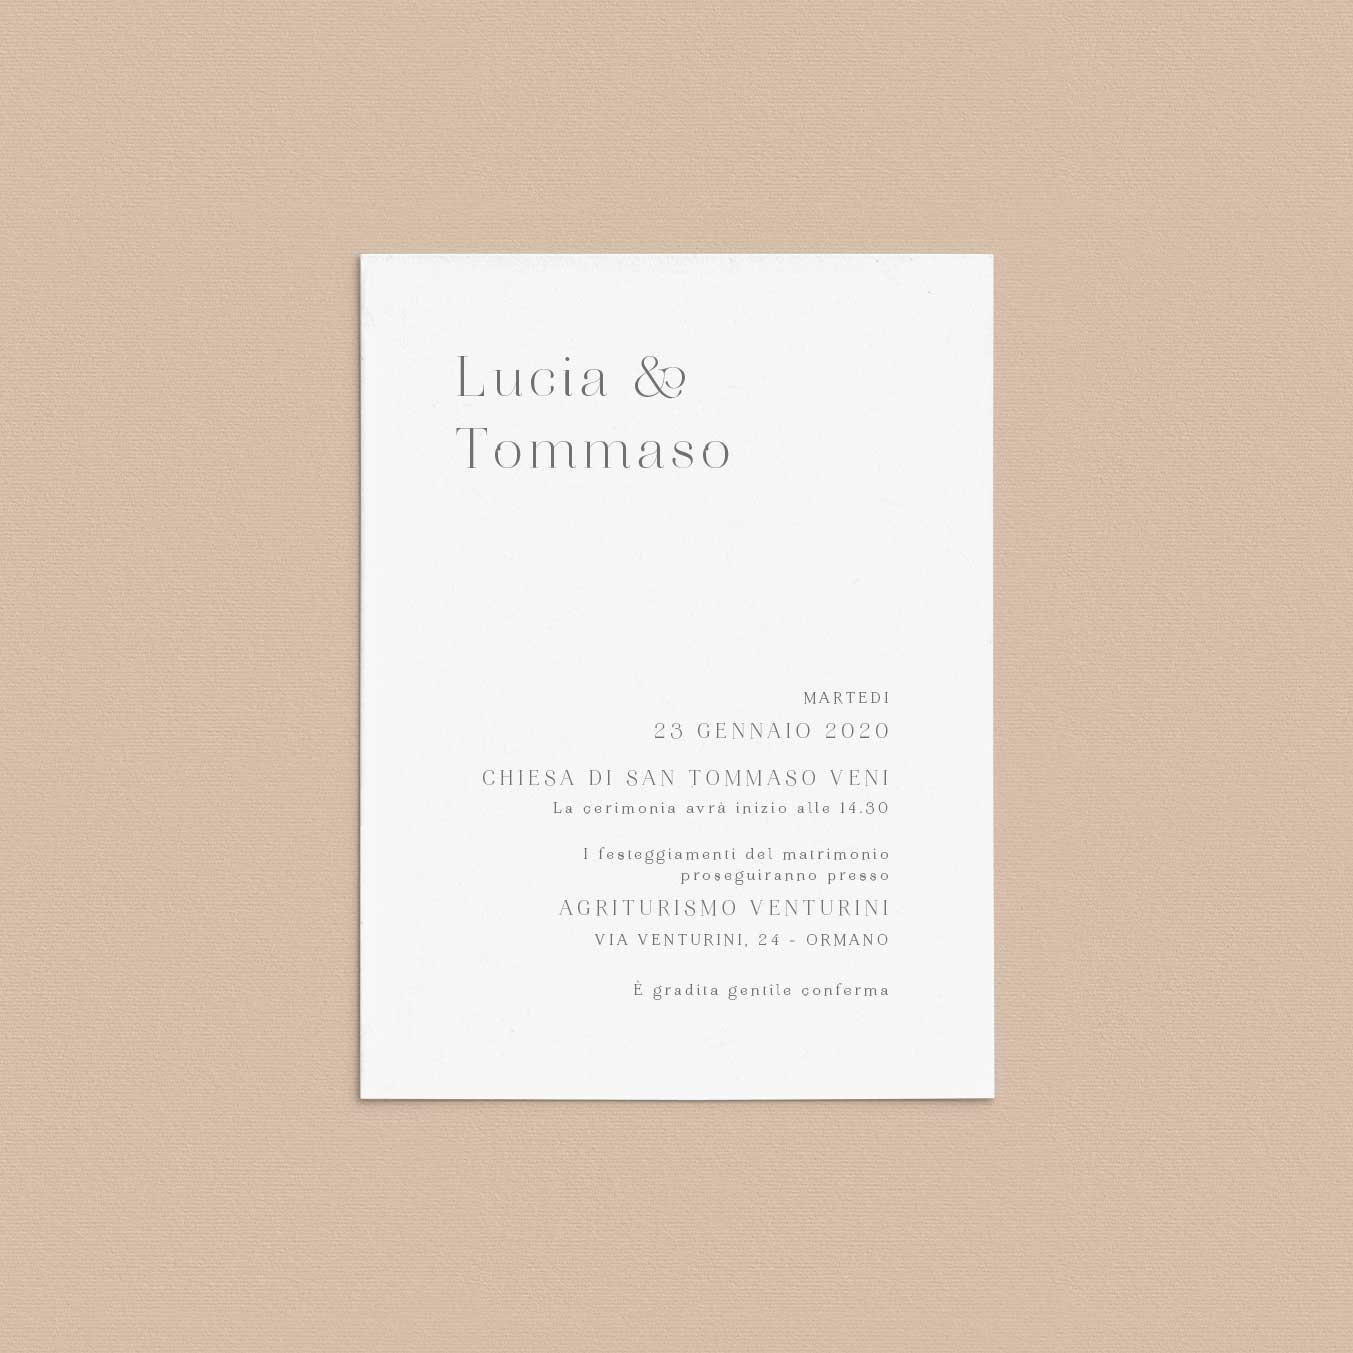 Partecipazioni-inviti-matrimonio-nozze-minimal-minimali-semplice-semplici-buste-eleganti-total-white